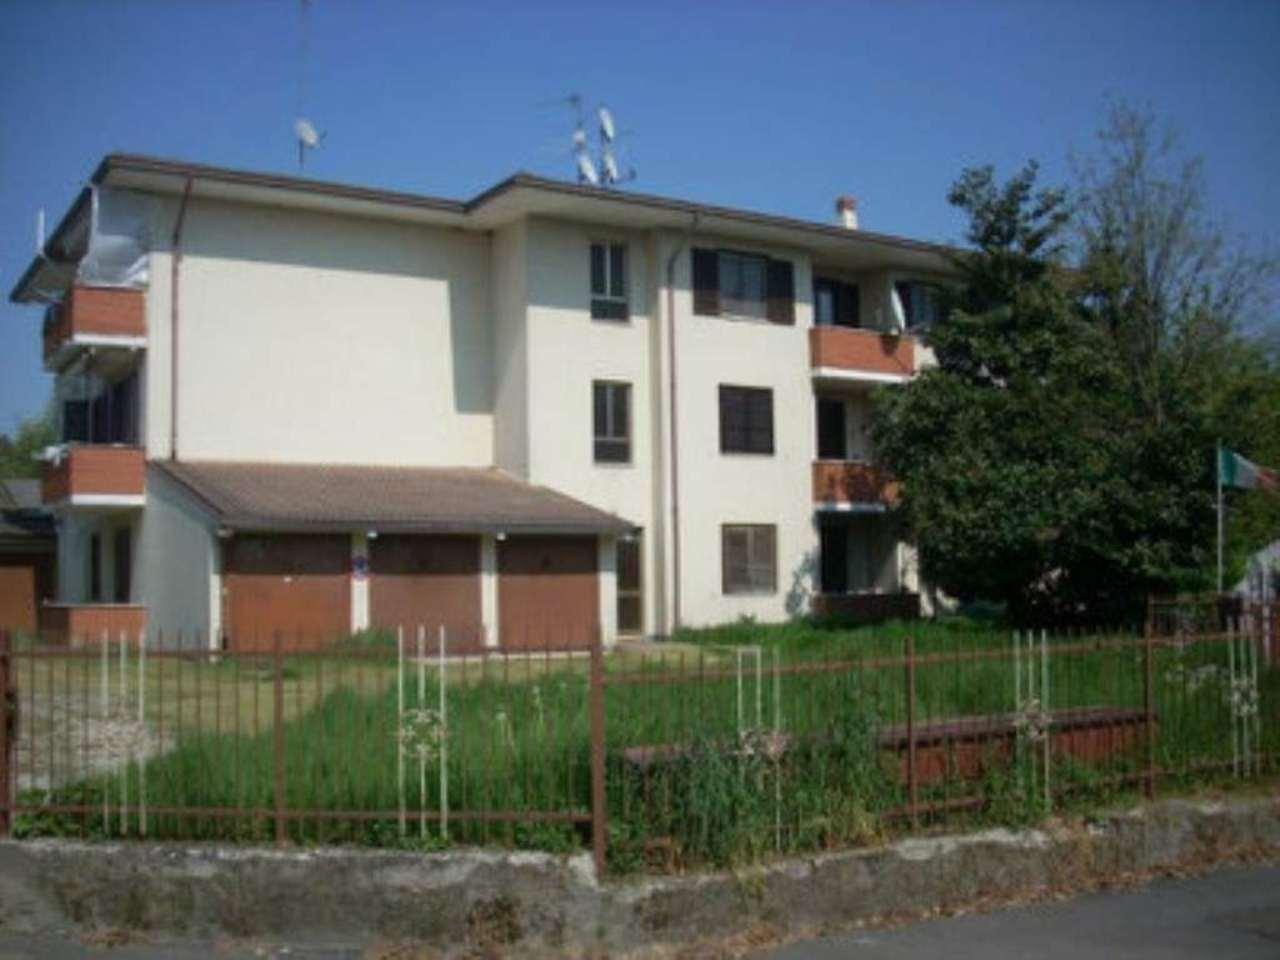 Appartamento in vendita a Credera Rubbiano, 3 locali, prezzo € 49.000 | CambioCasa.it